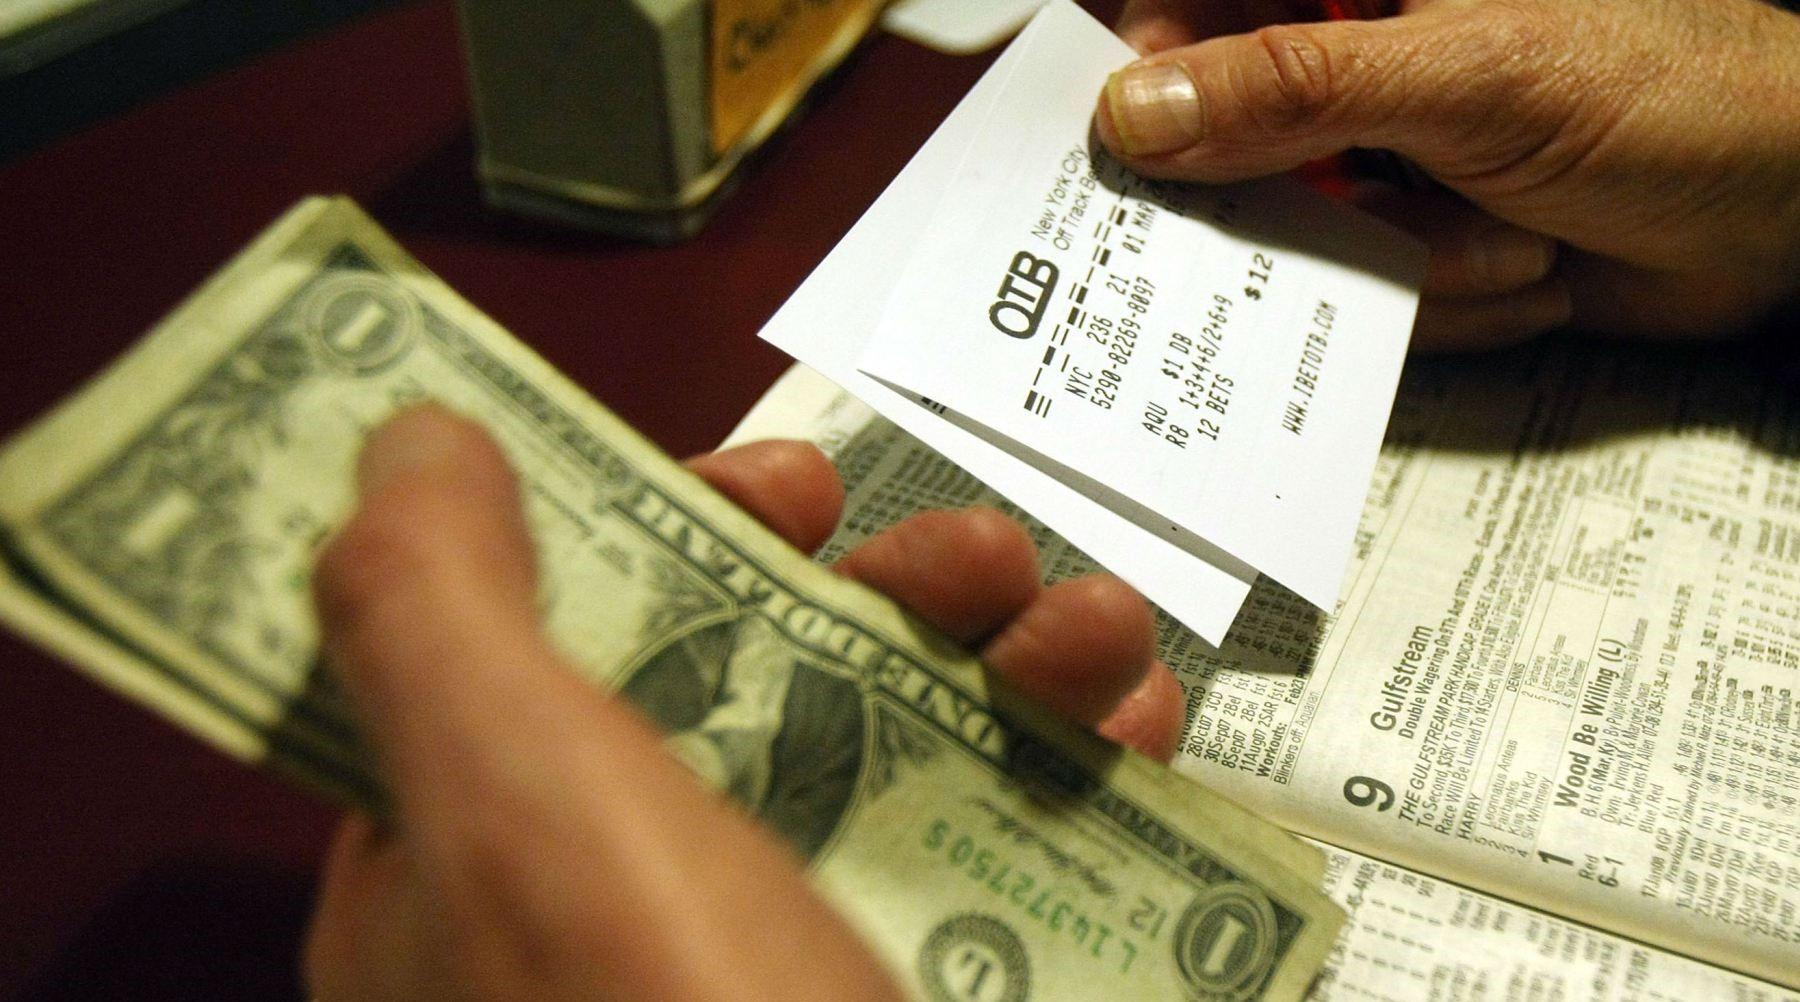 bahis siteleri para yatirma limitleri nedir